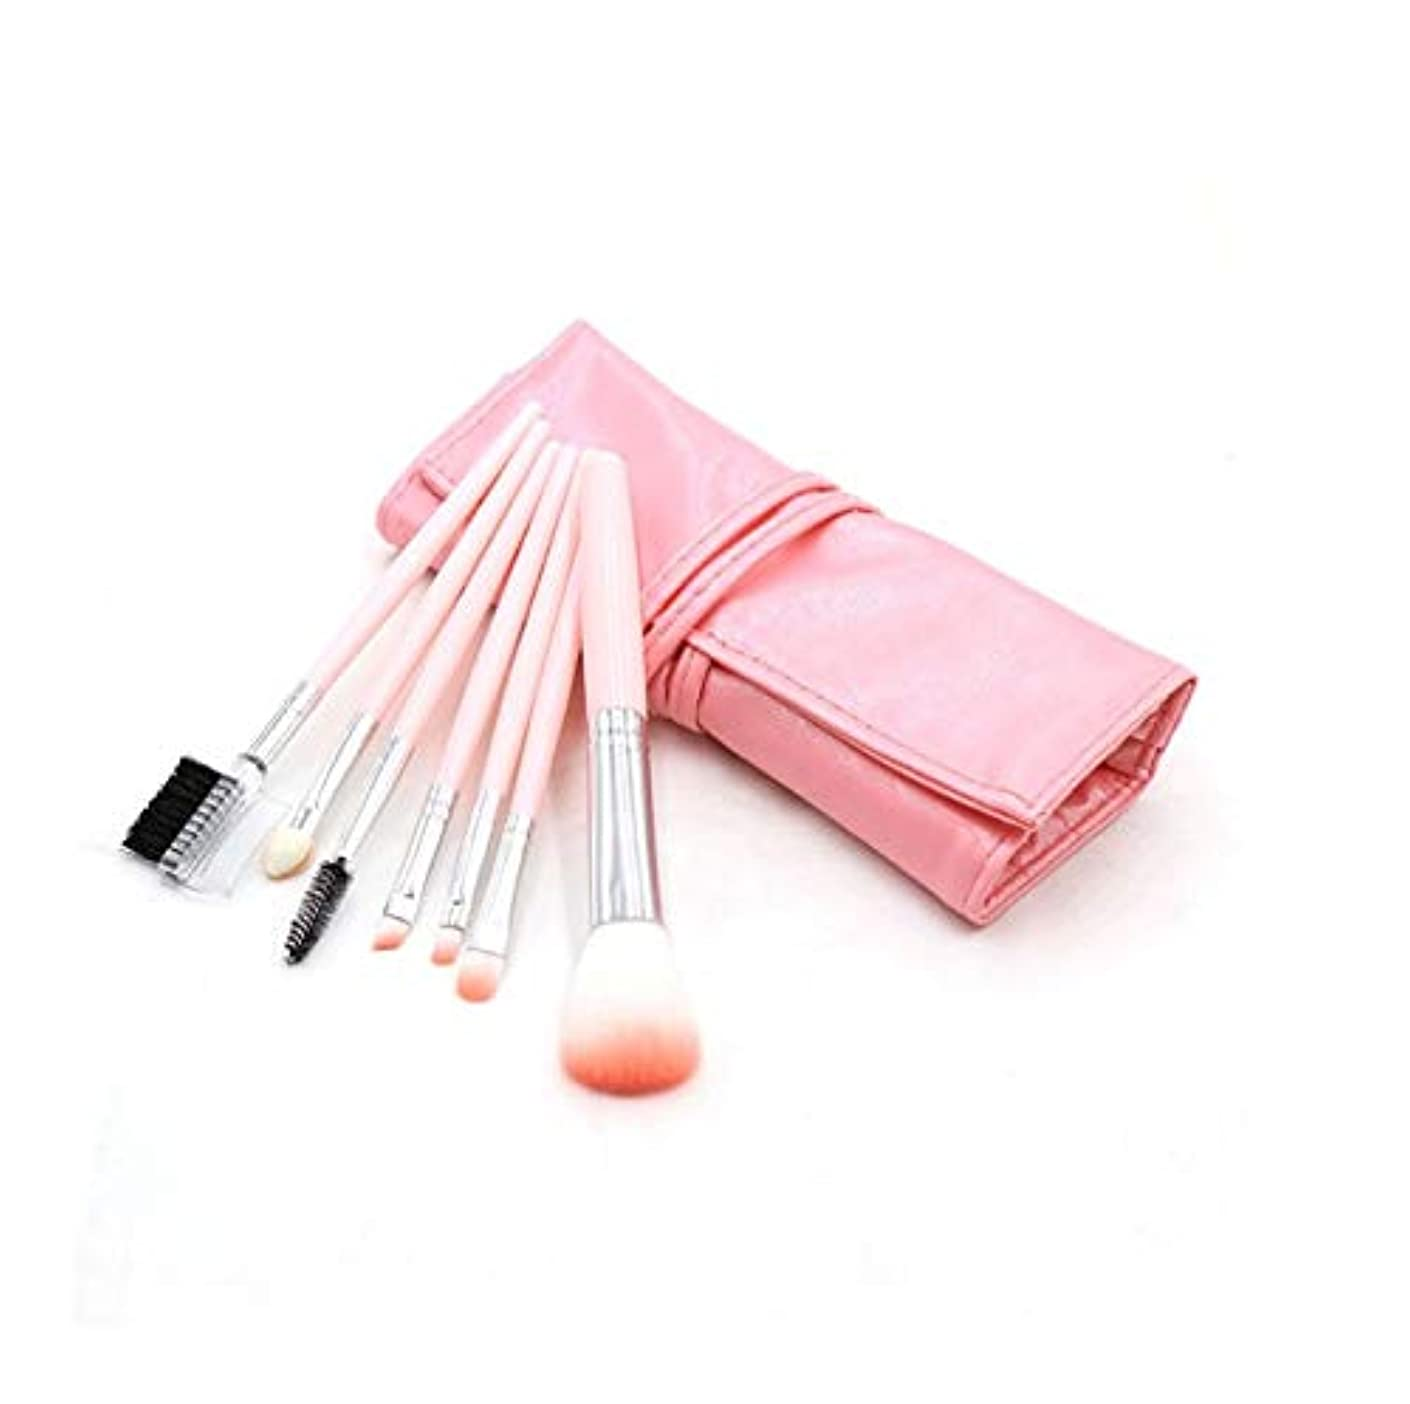 全滅させる重荷ダウン化粧ブラシセット、ピンク7化粧ブラシ化粧ブラシセットアイシャドウブラシリップブラシ美容化粧道具